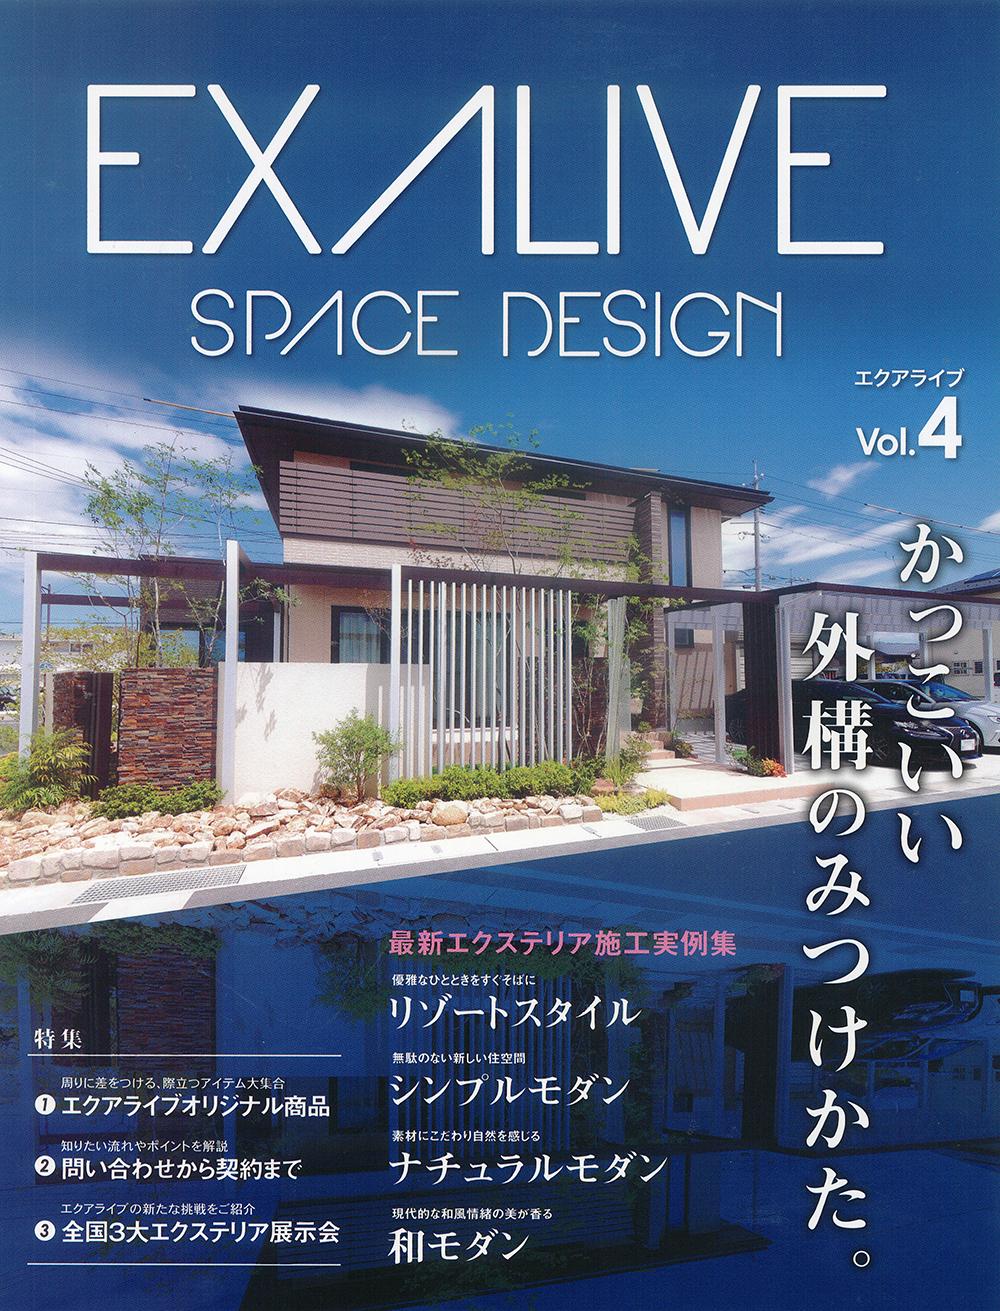 EXALIVE Vol.4